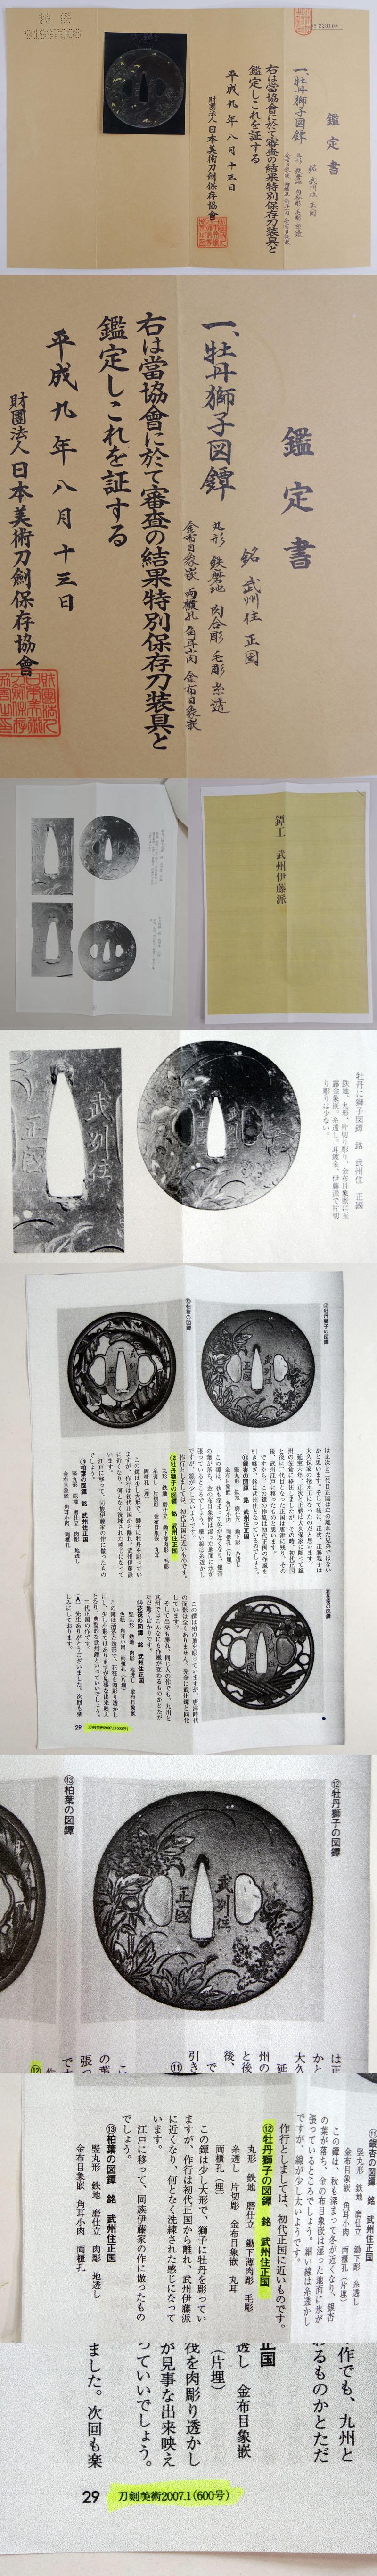 牡丹獅子図鍔 武州住正国 Picture of Certificate